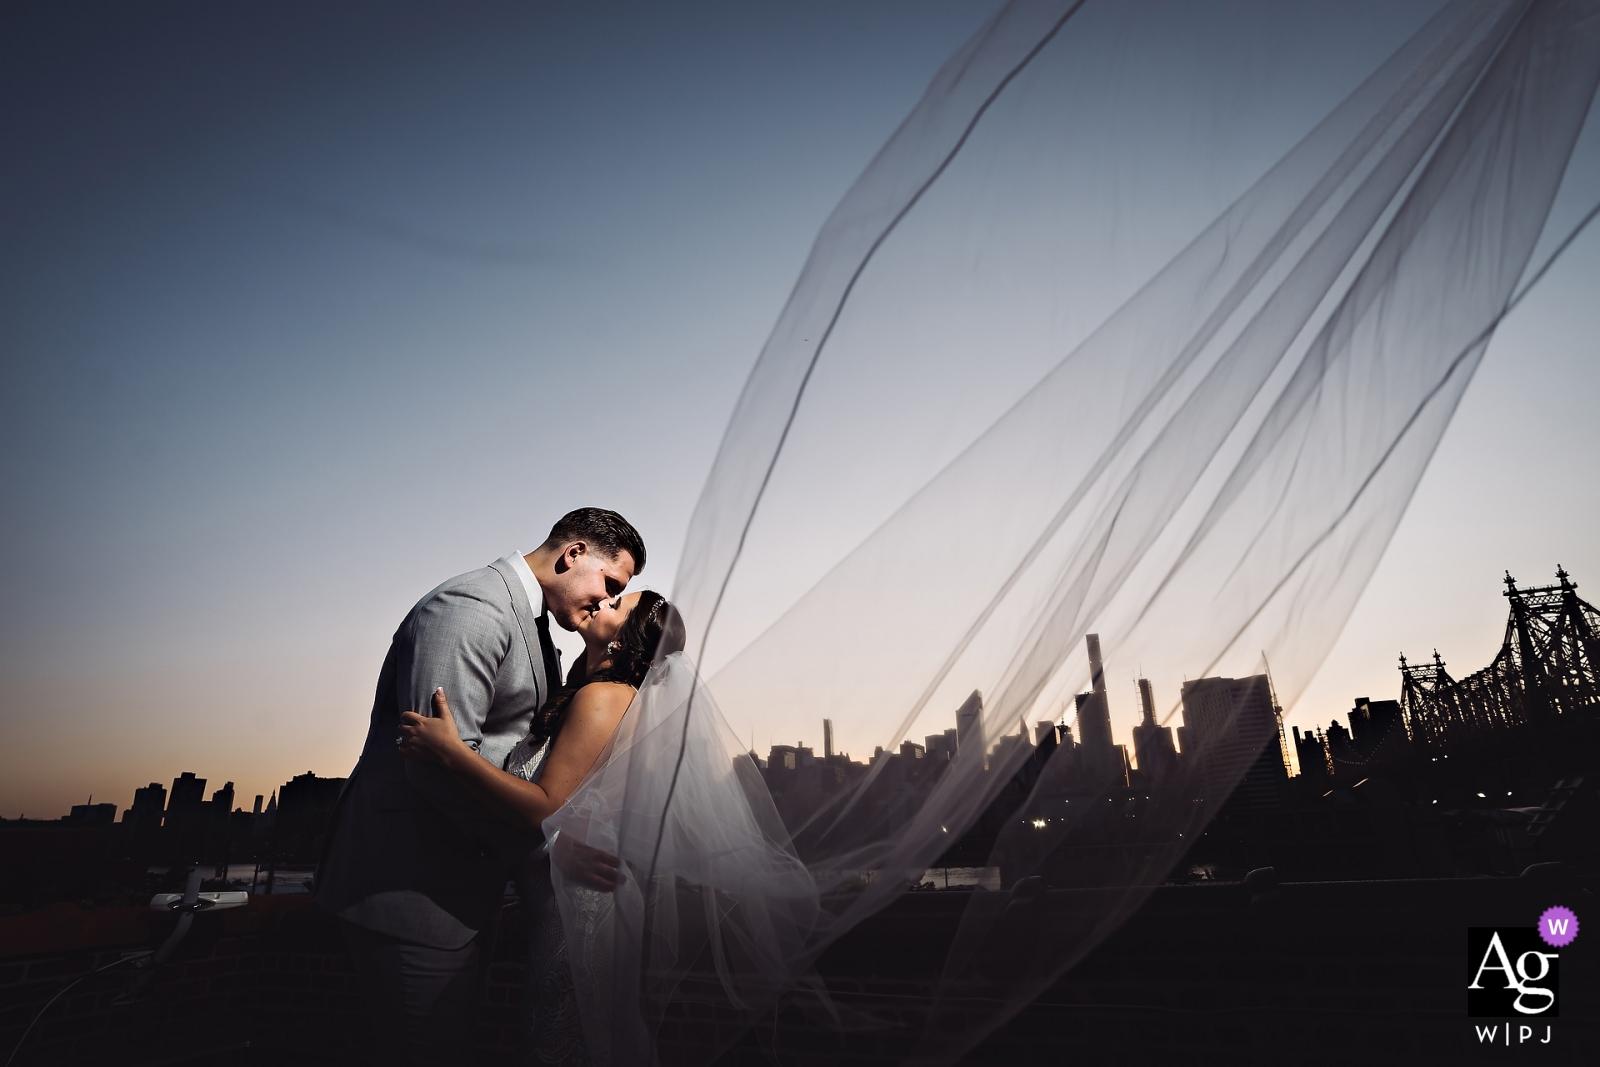 La fonderie - Mariages à New York - Portrait de jeunes mariés